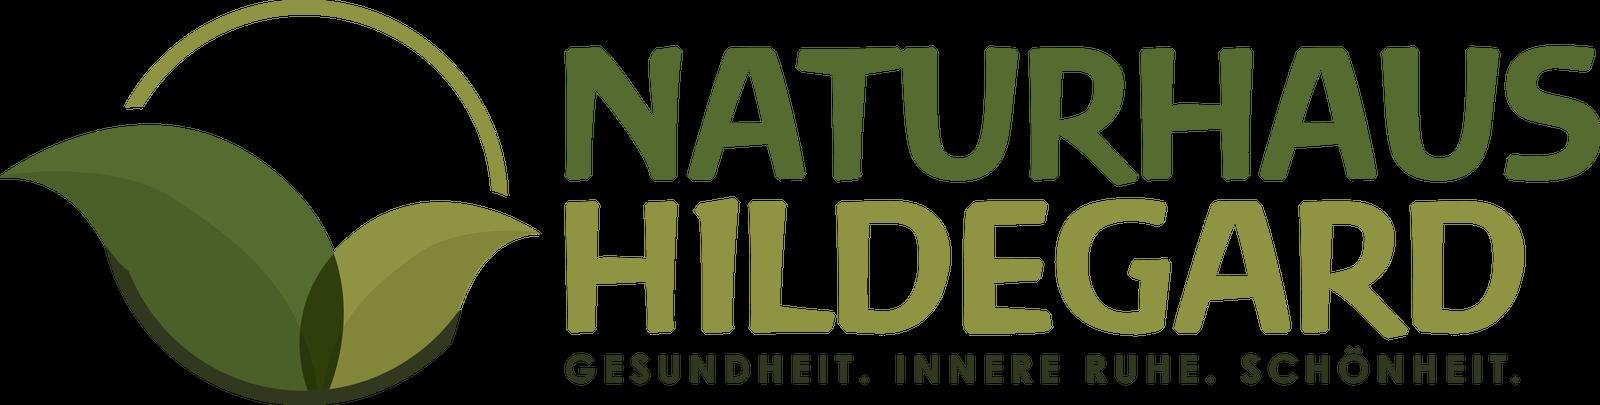 naturhaushildegard